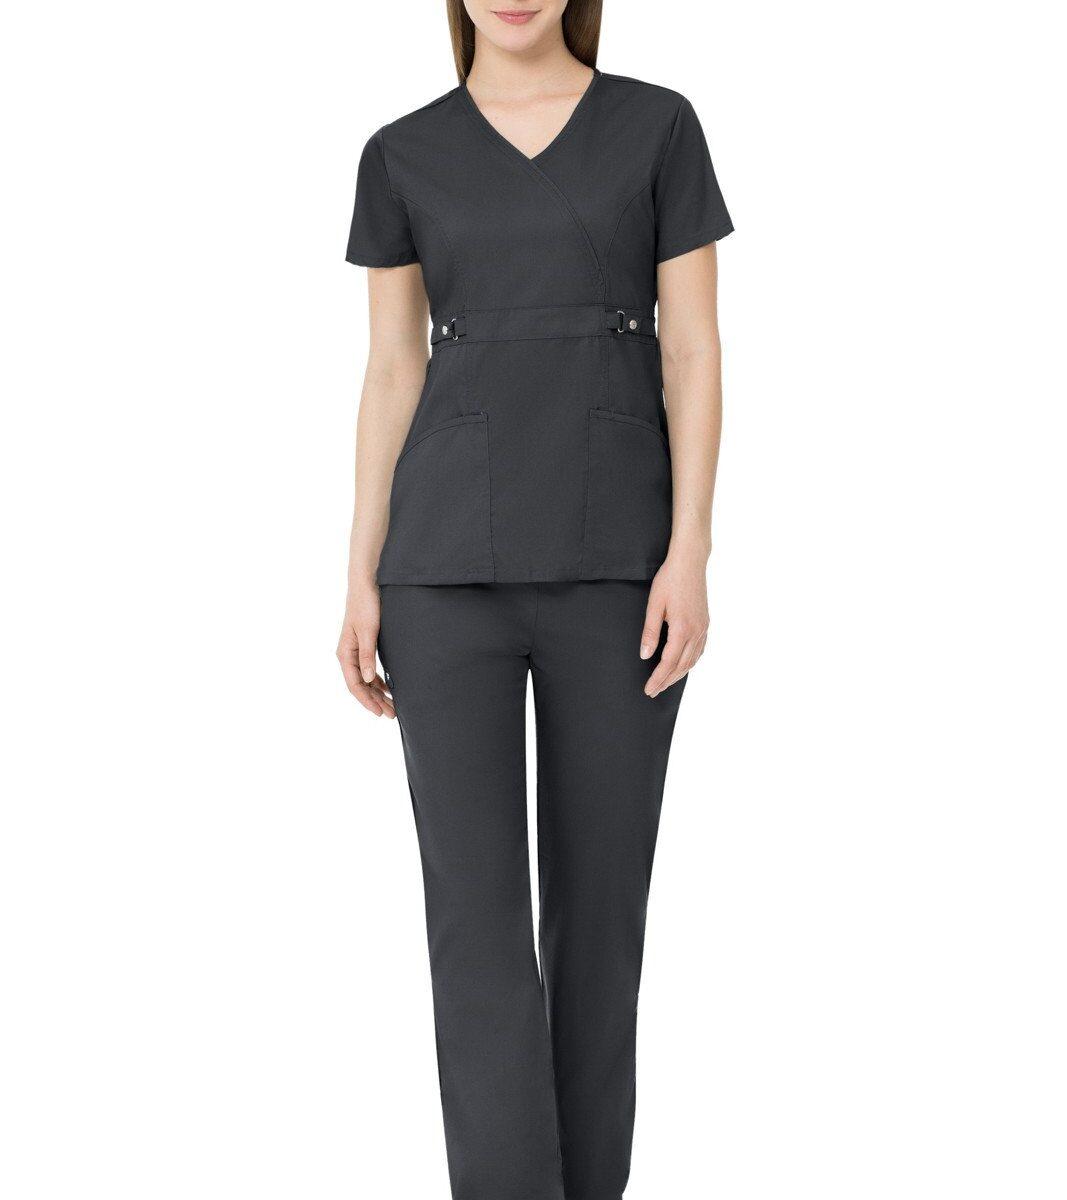 Женский медицинский костюм Luxe цвет - черный